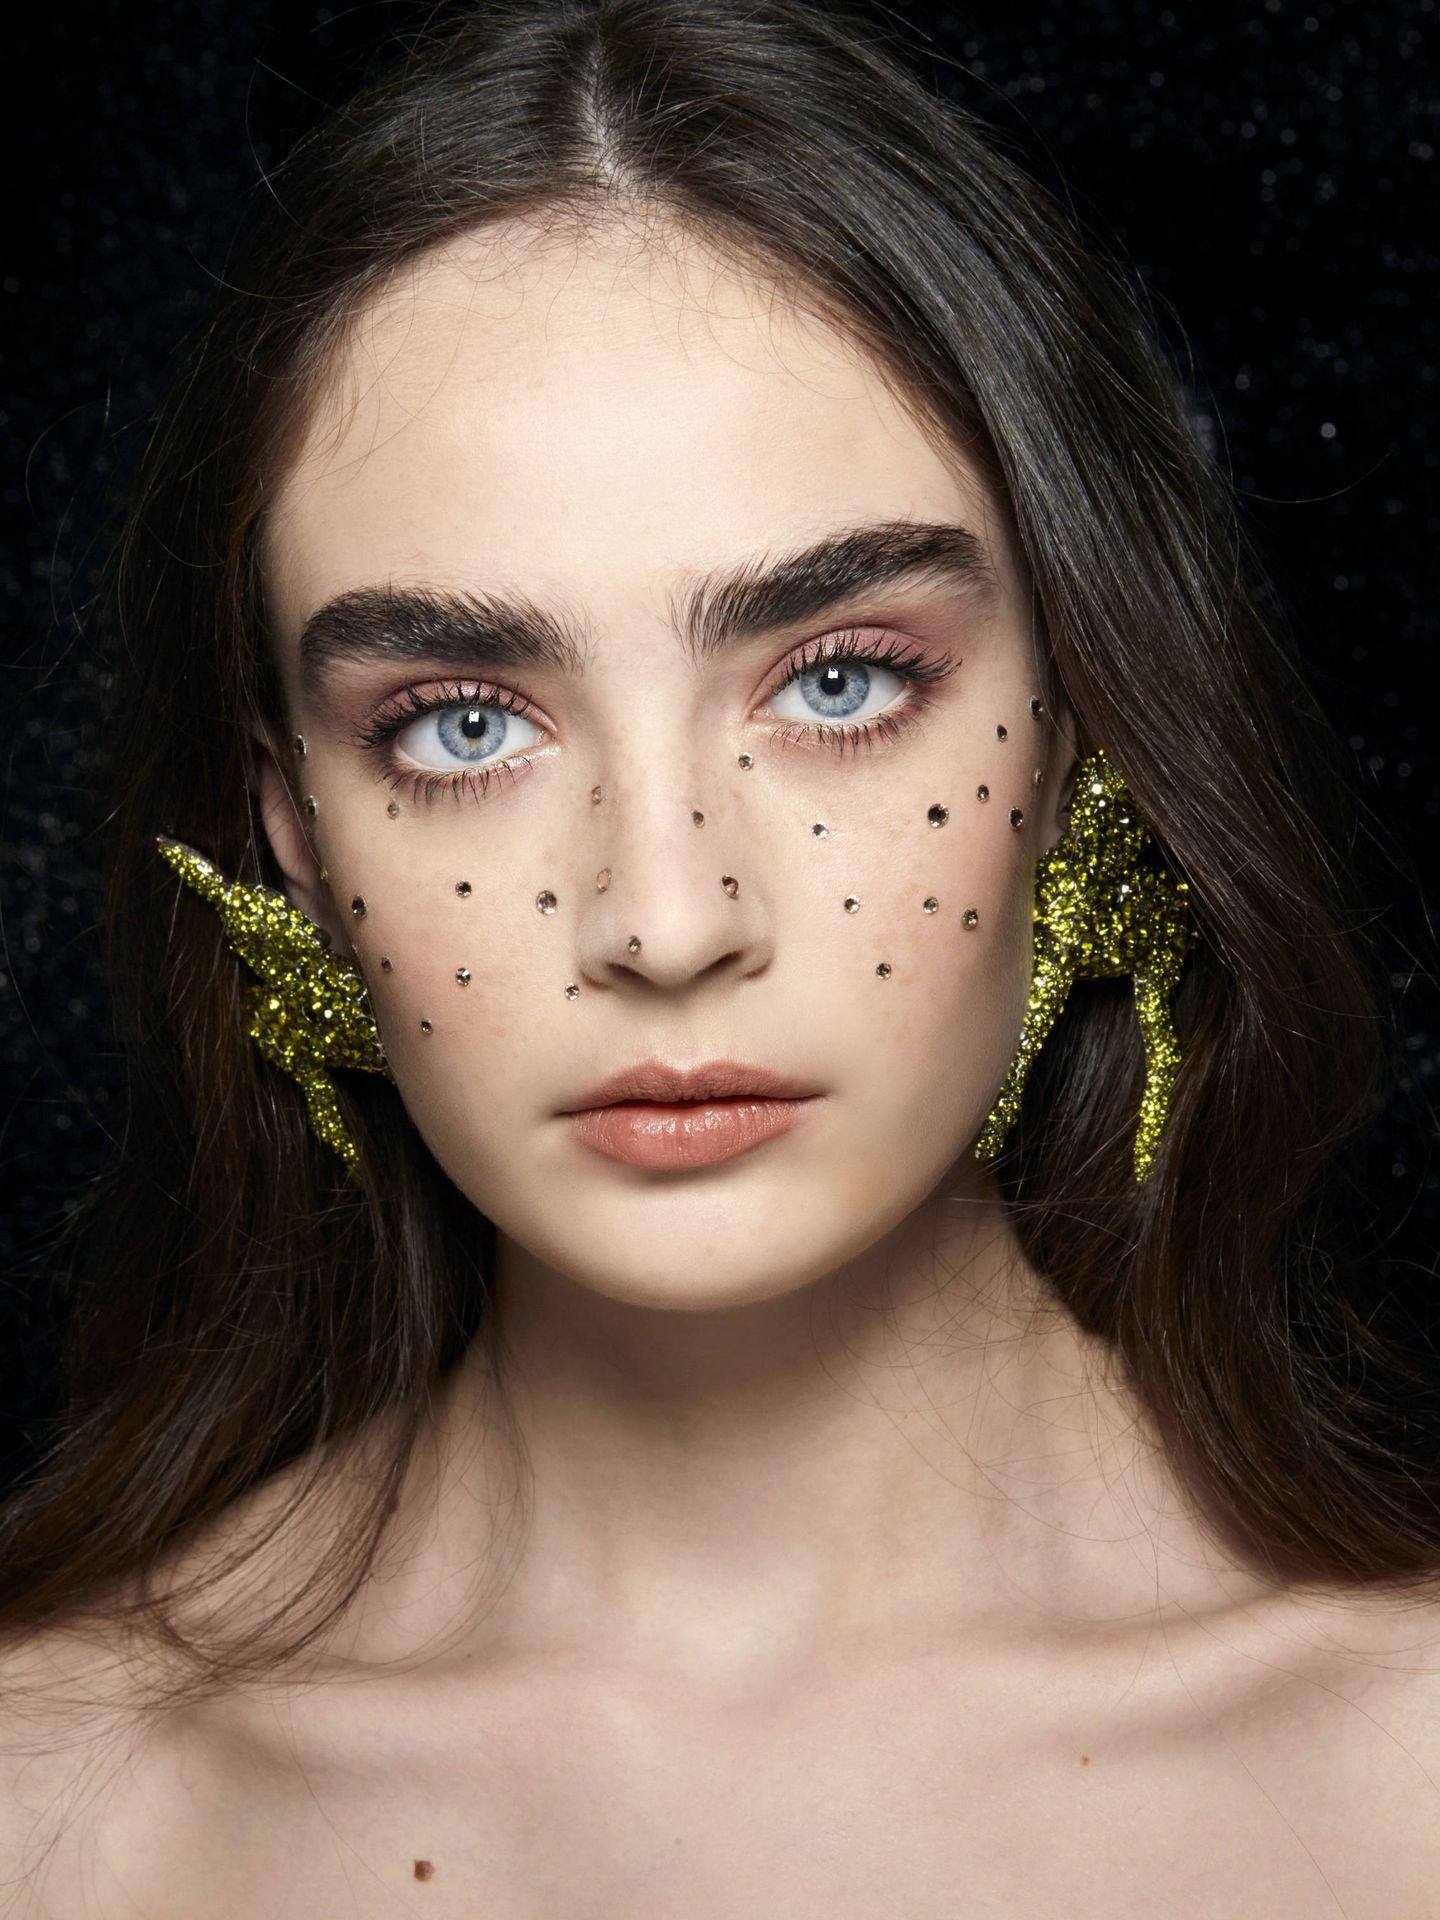 Cómo recrear el maquillaje con aplicaciones. (Imaxtree)